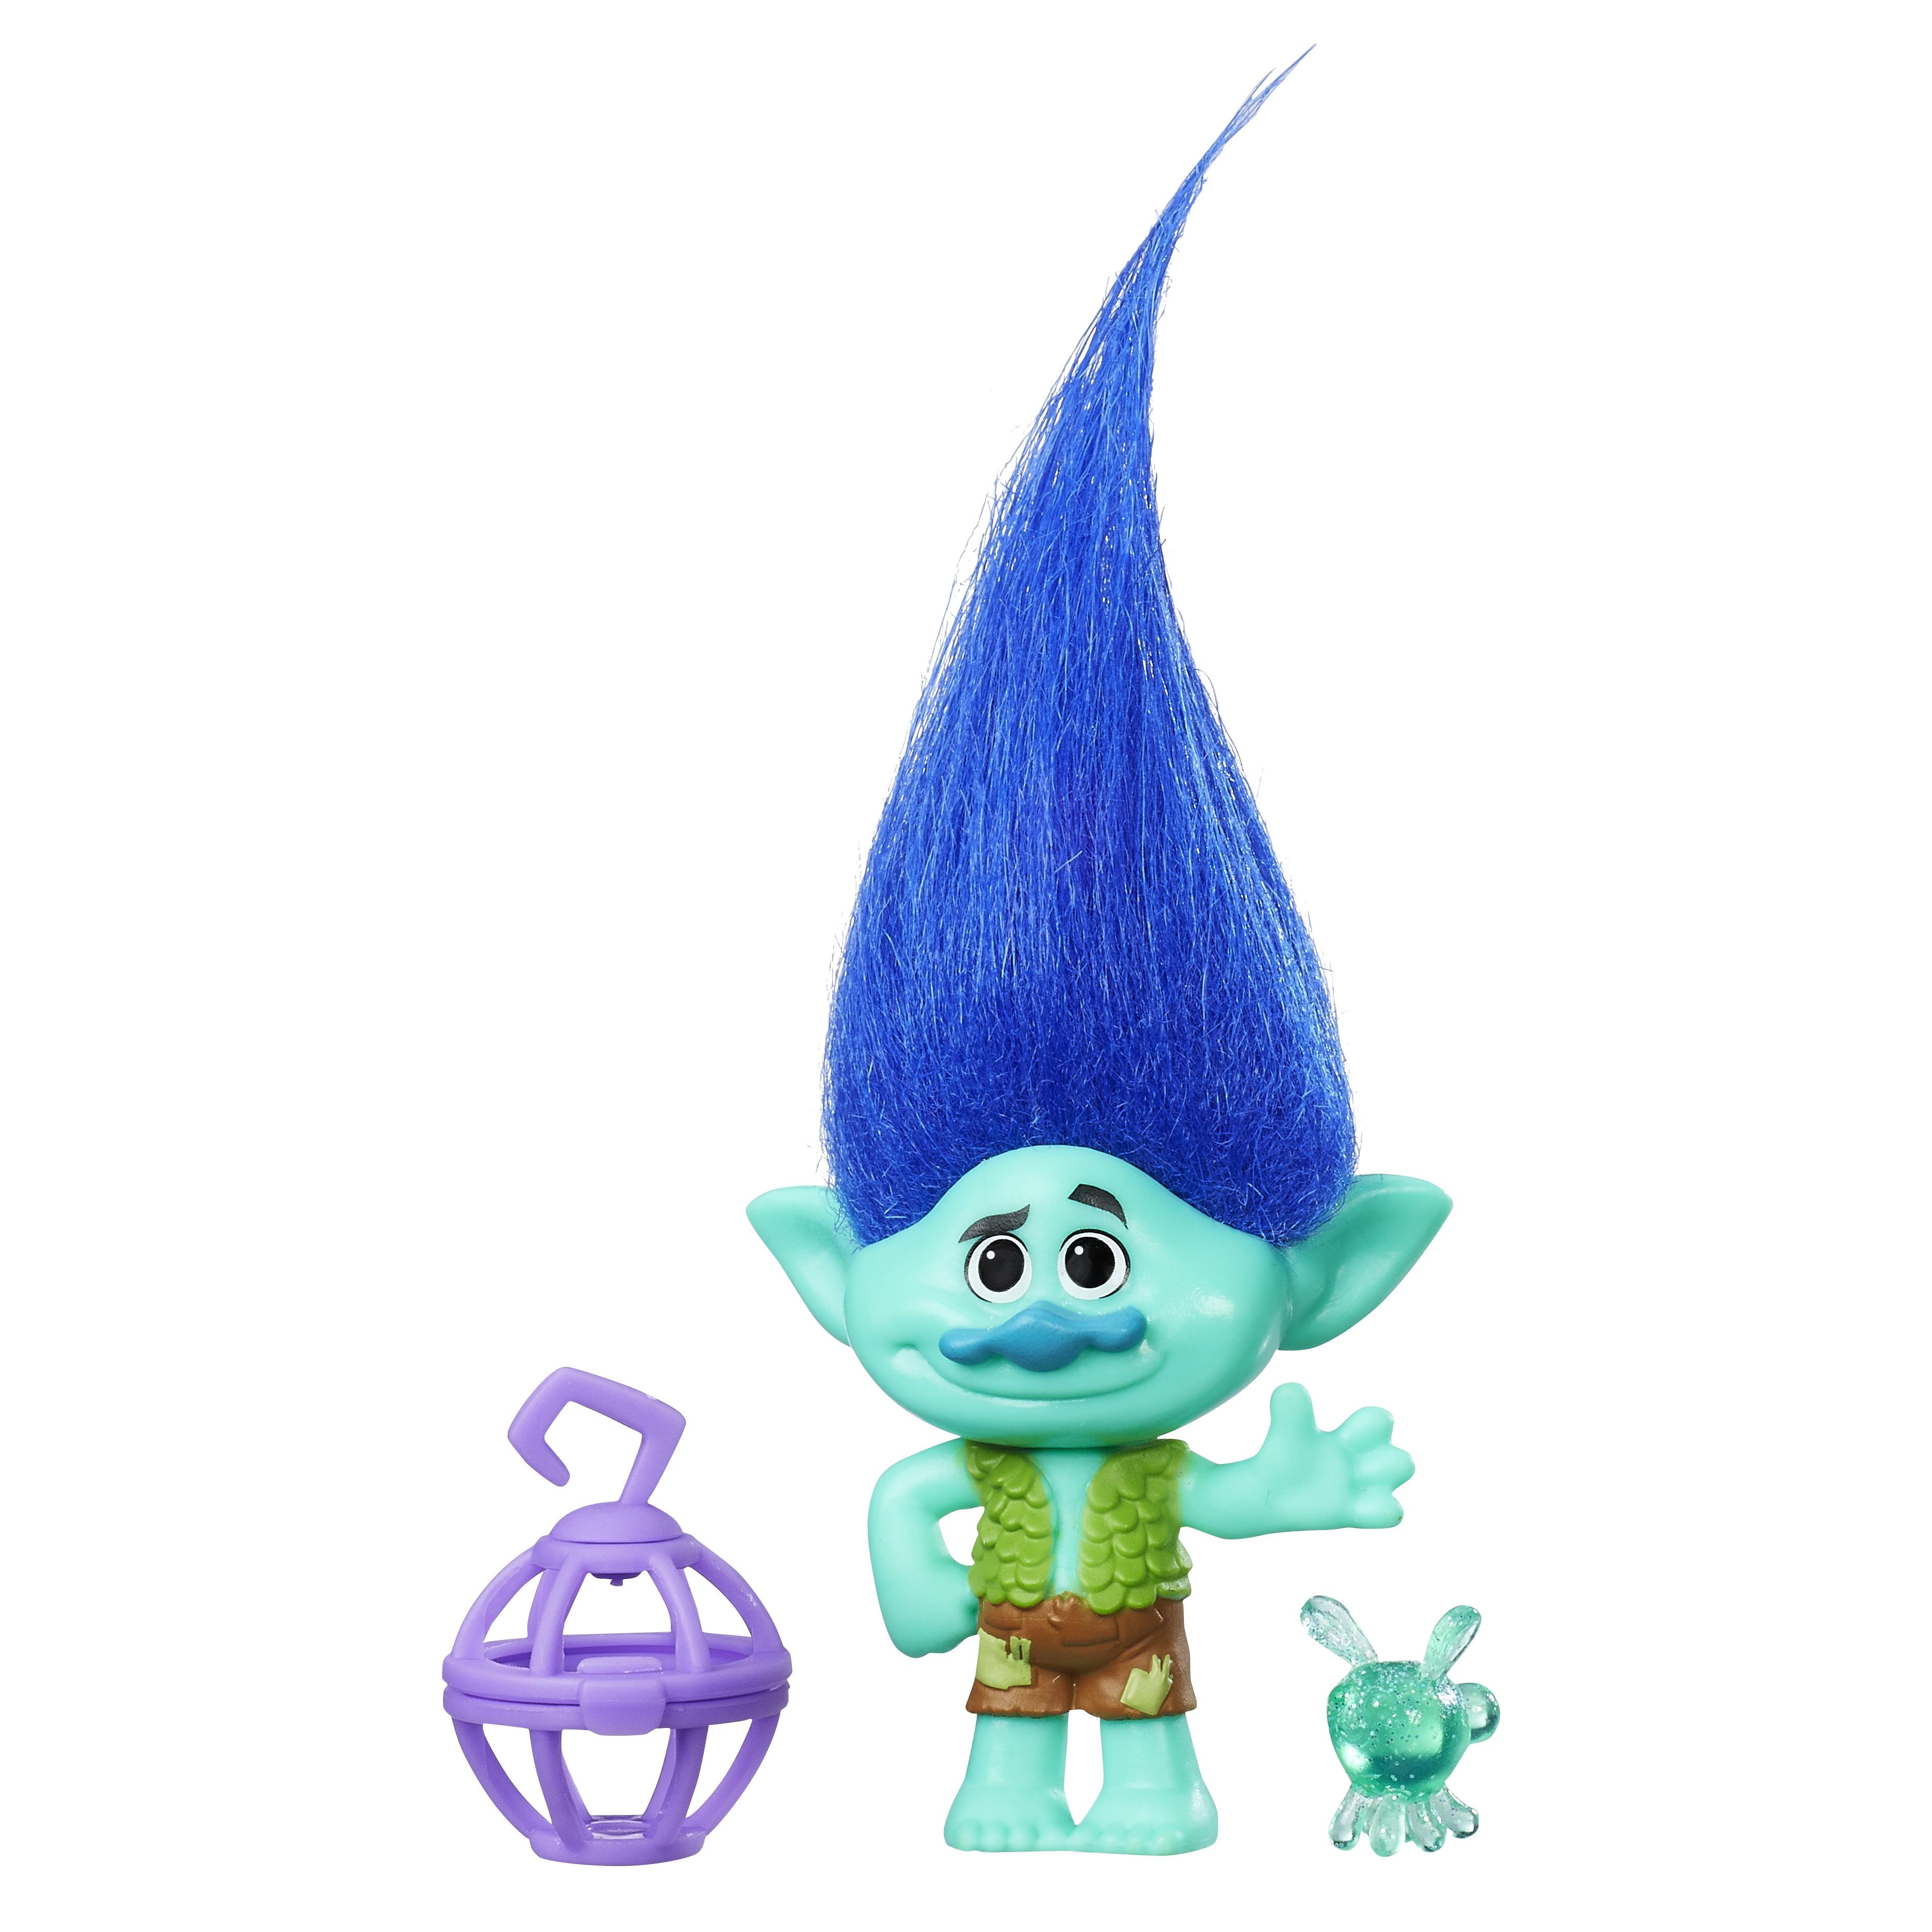 Фигурка Hasbro B6555EU4 фигурки героев мультфильмов trolls коллекционная фигурка trolls в закрытой упаковке 10 см в ассортименте